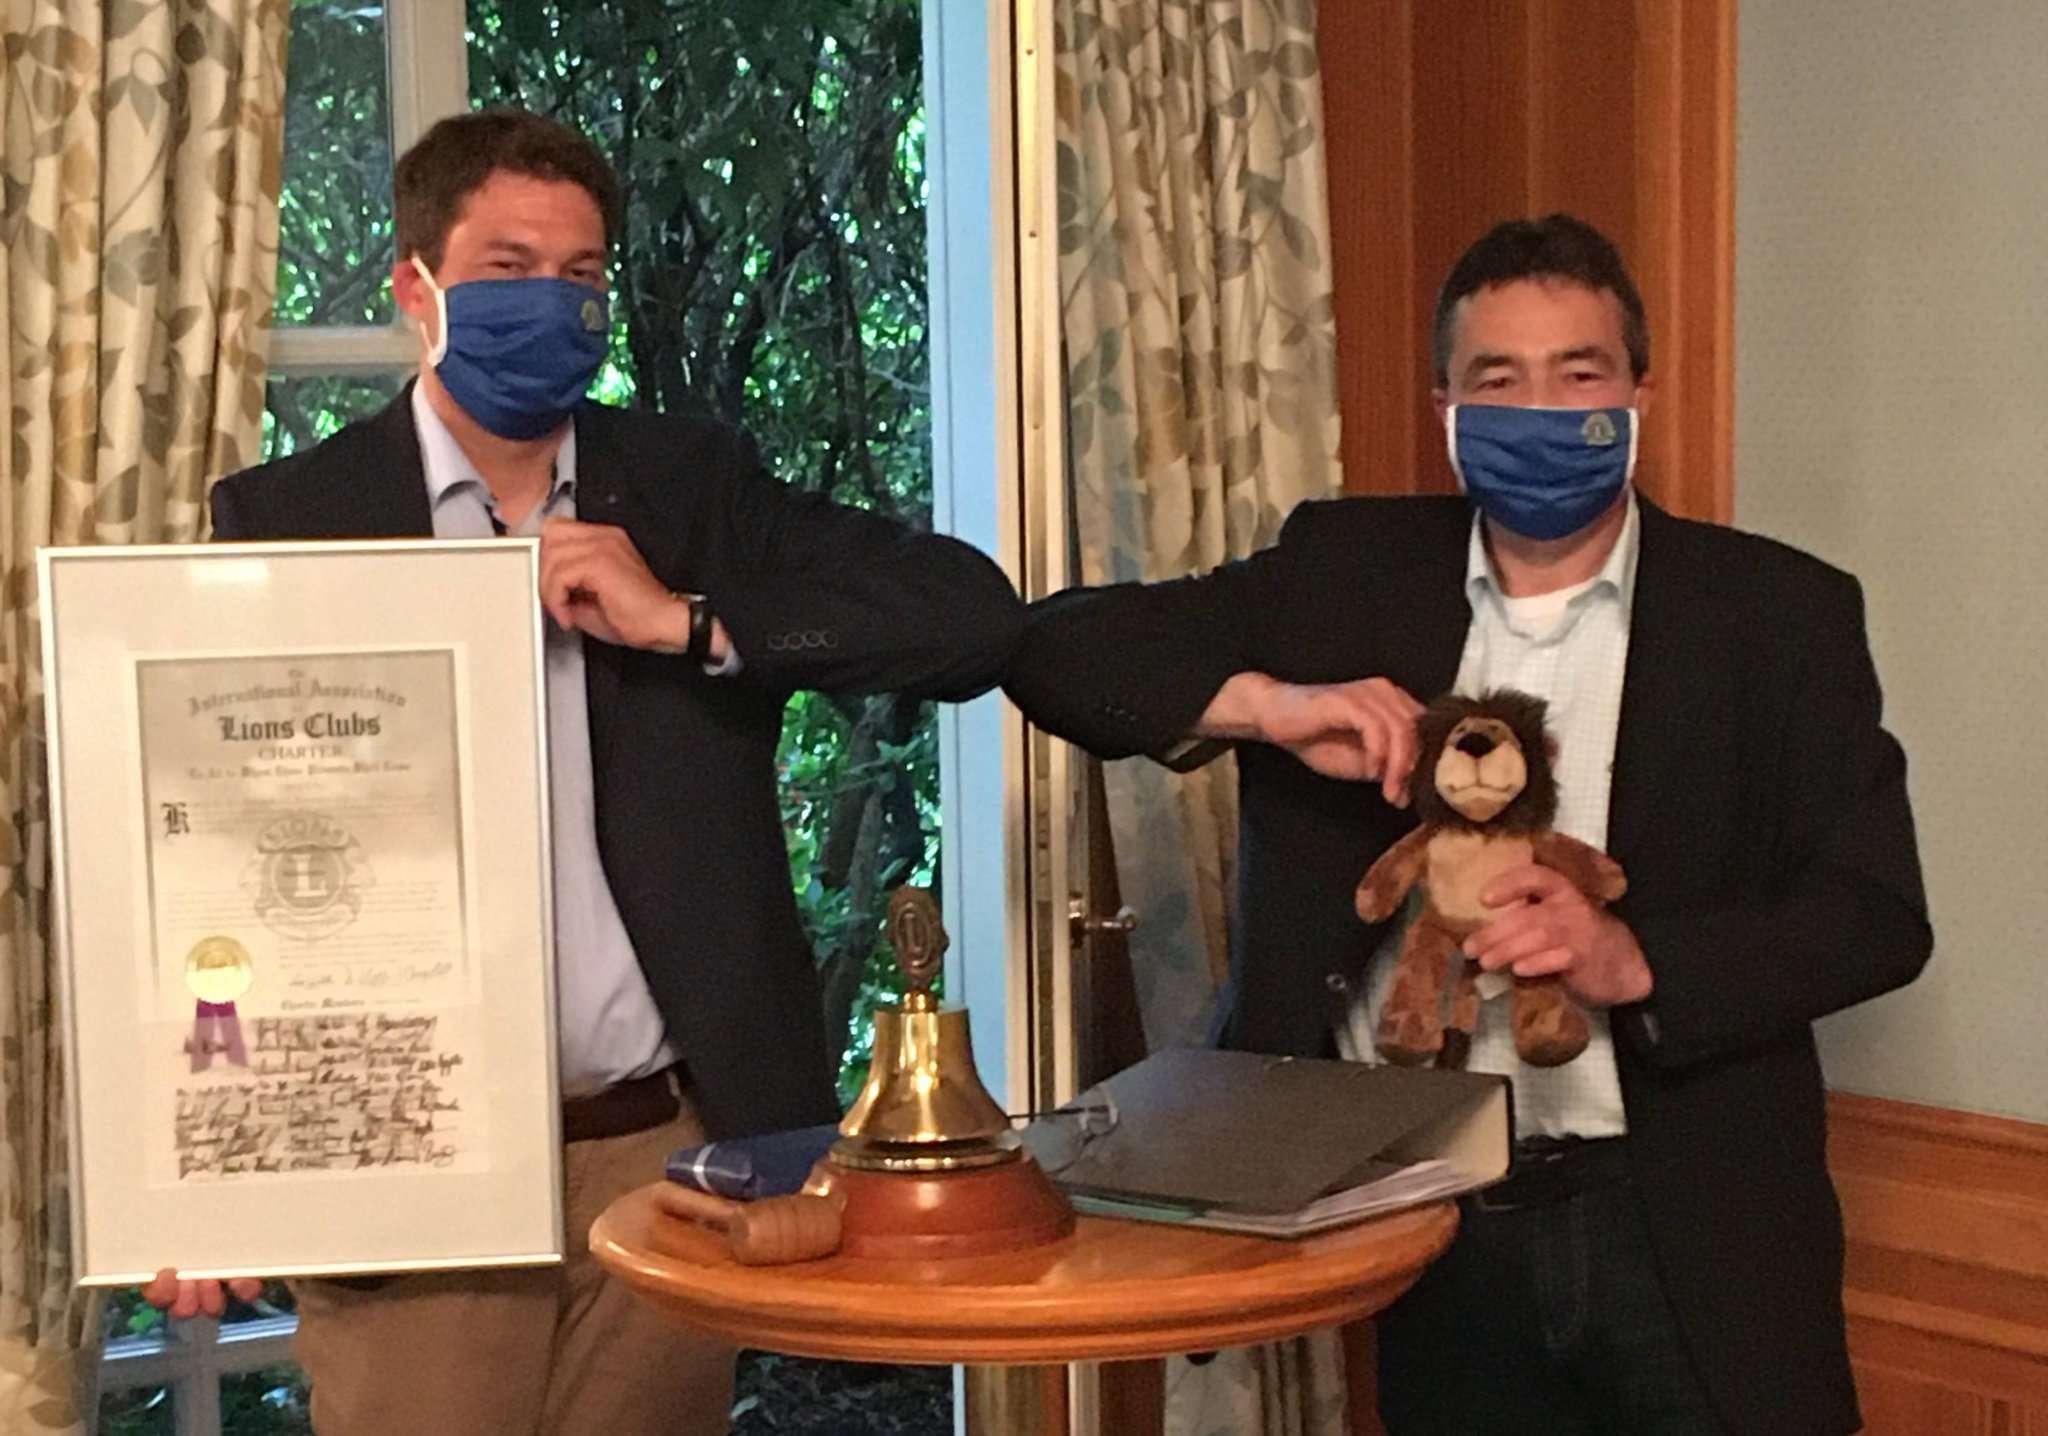 Der neue Präsident Philipp Landschof (links) übernimmt das Amt coronagerecht von seinem Vorgänger Thomas Klar.